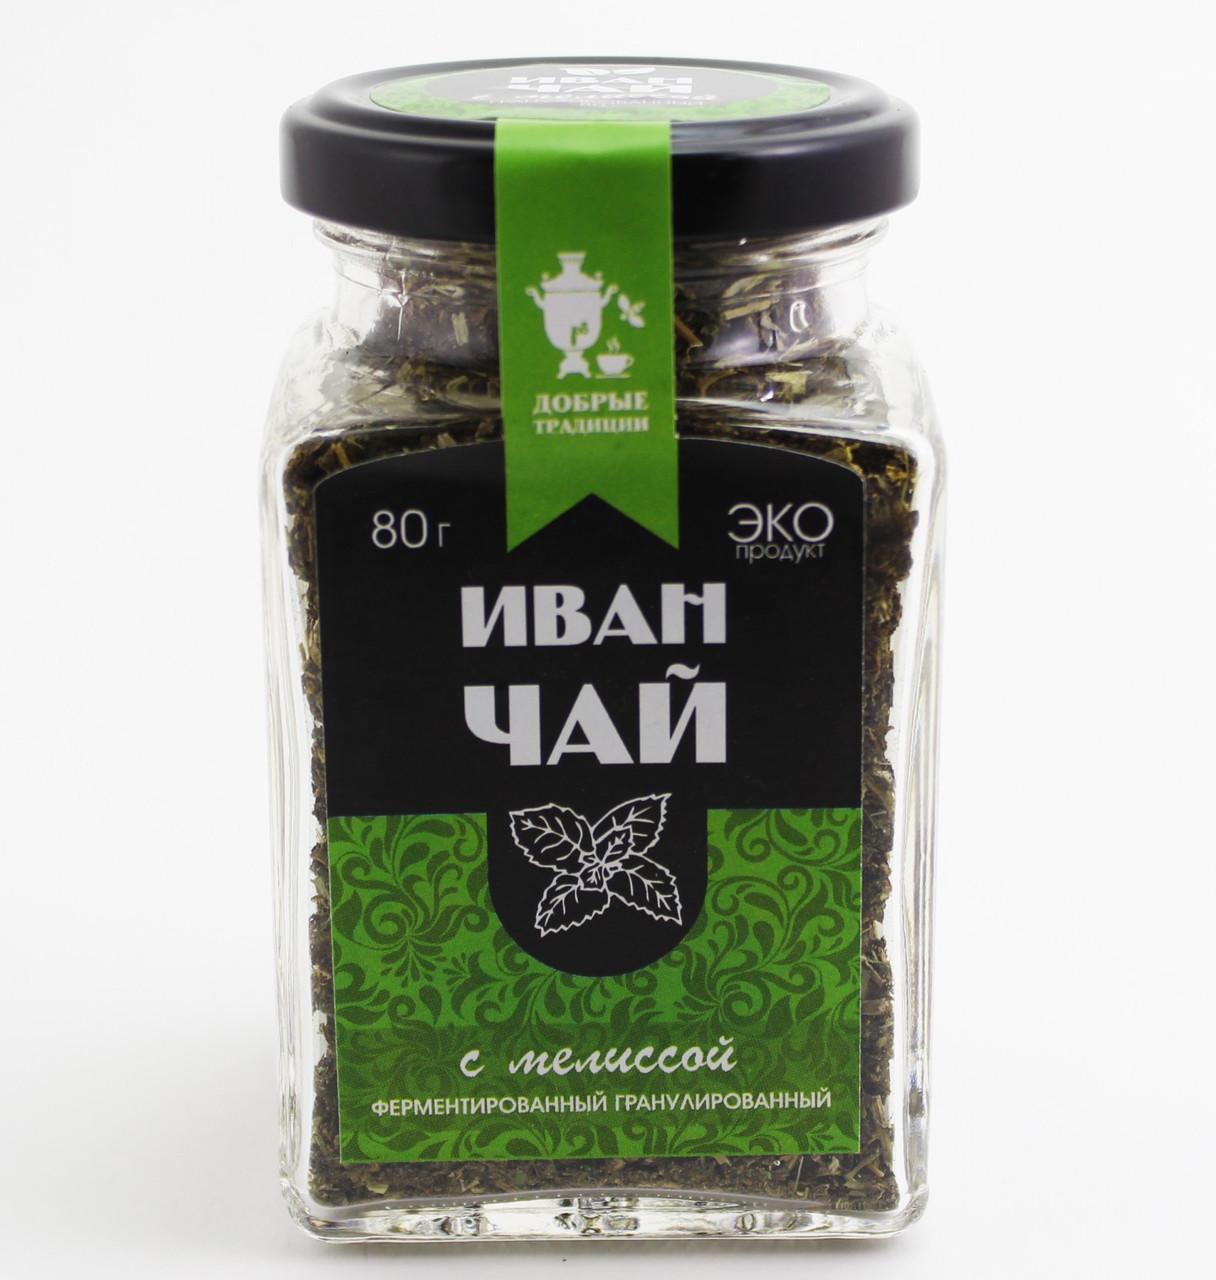 Иван-чай гран.с мелиссой, банка, 80 г